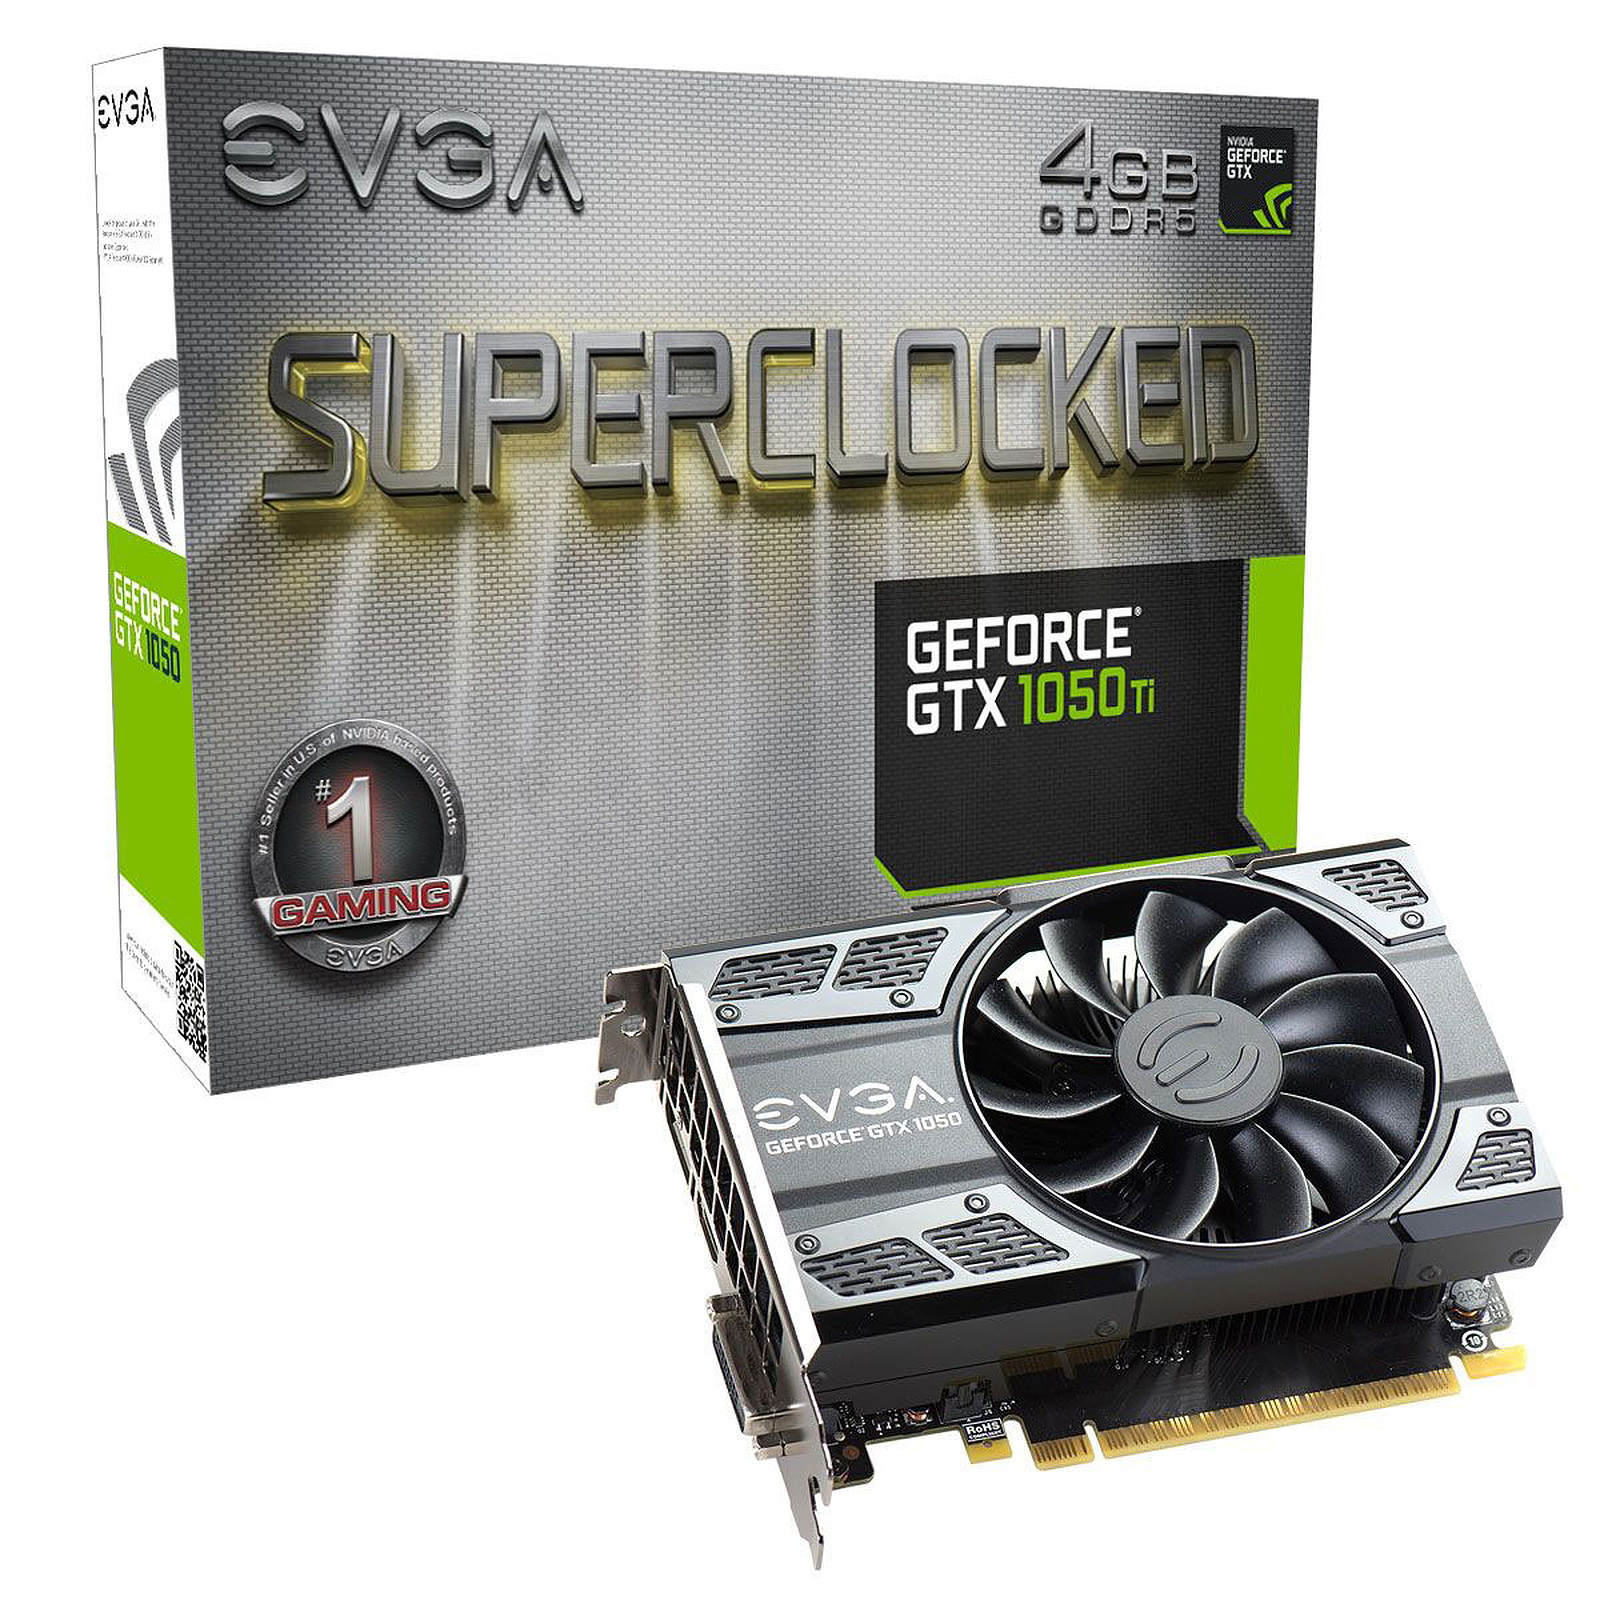 EVGA GeForce GTX 1050 Ti SC GAMING 4G